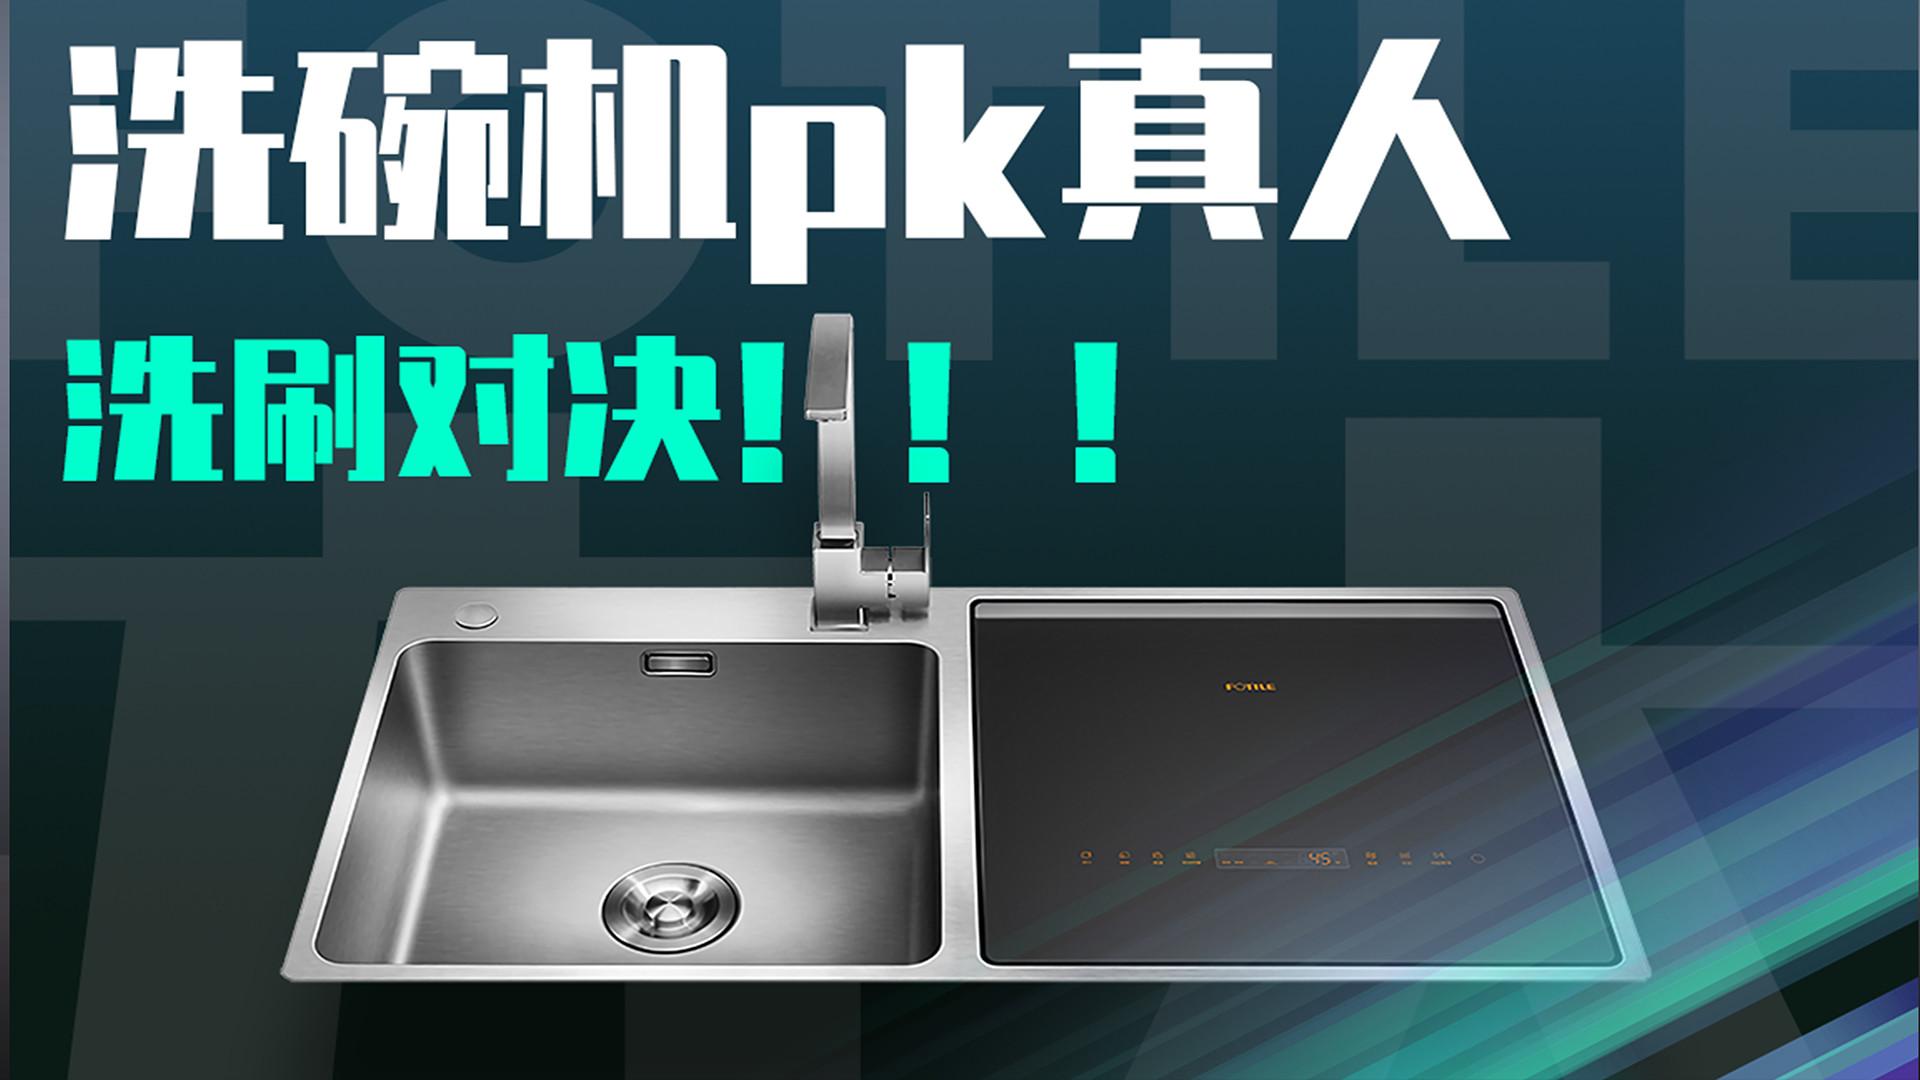 洗碗机pk真人,关乎尊严的较量